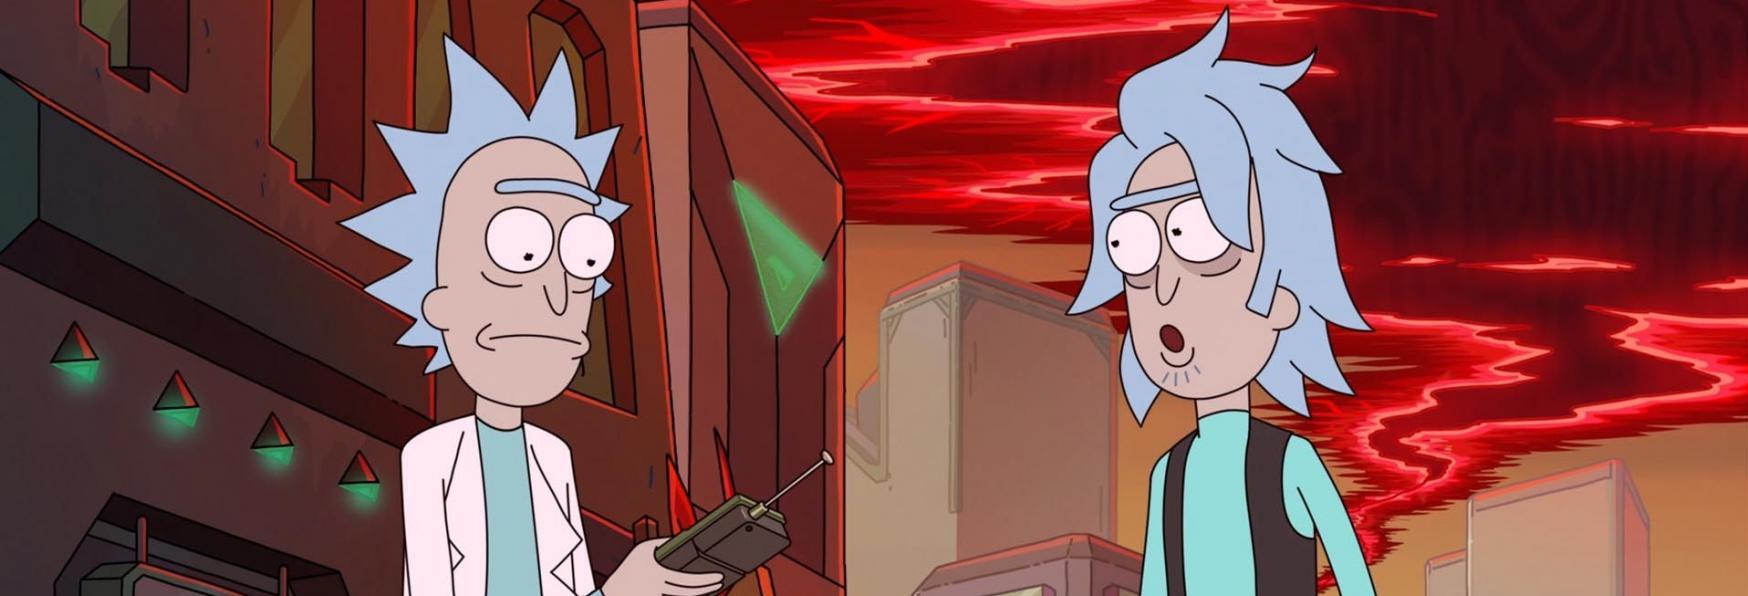 Rick and Morty 5: una Incredibile Rivelazione nel Finale di Stagione